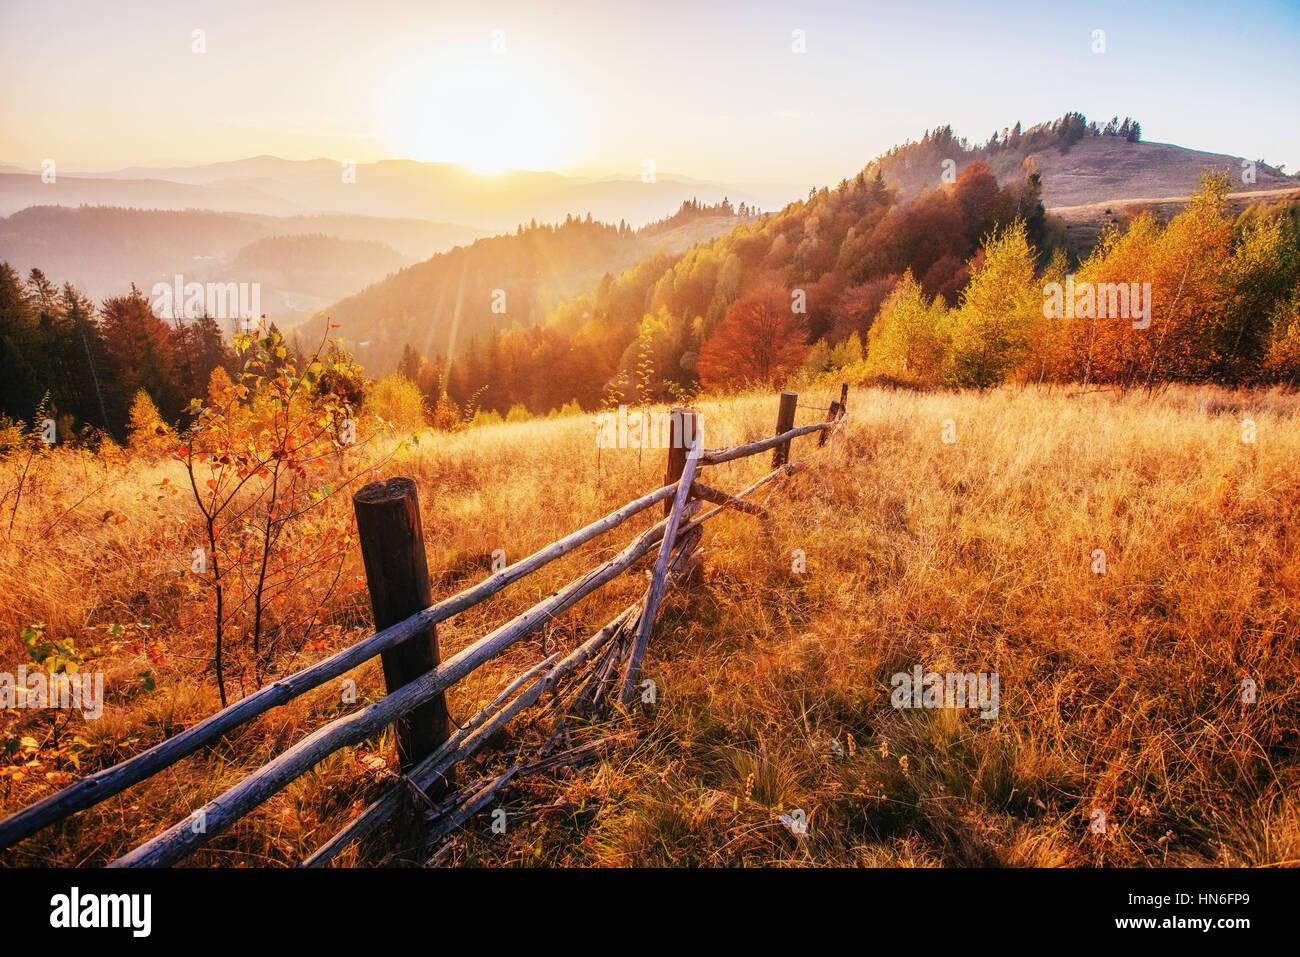 Strada forestale in autunno. Paesaggio. Immagini Stock